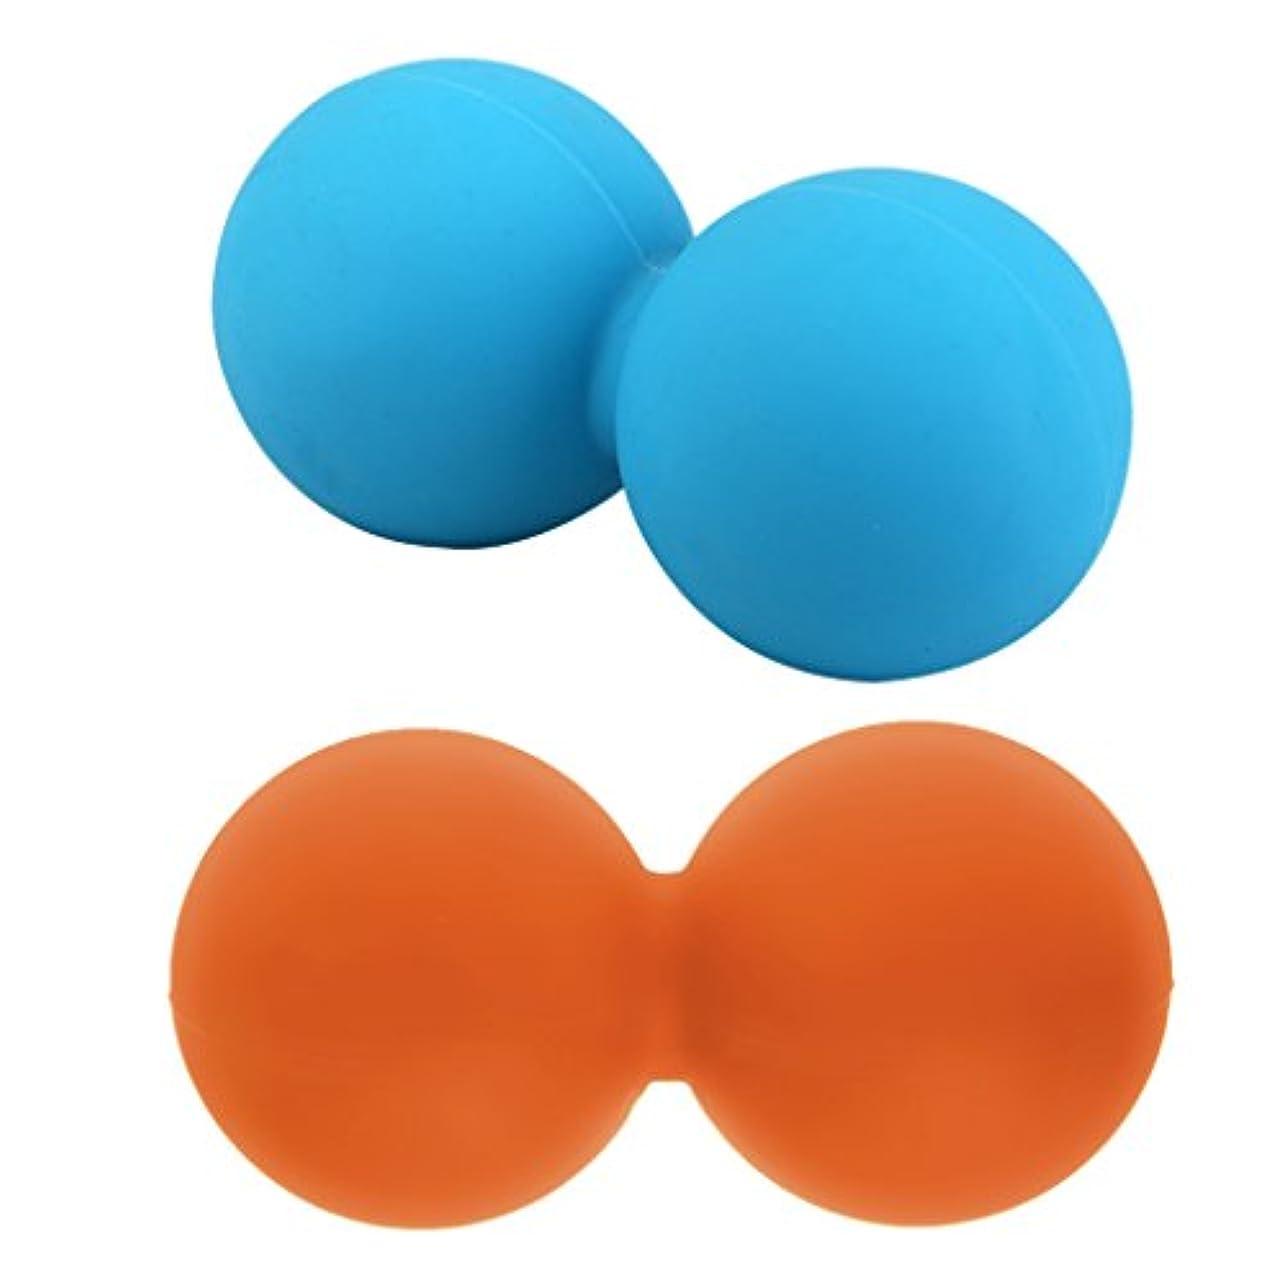 マッシュデジタルコインランドリーHellery 2本 マッサージボール ピーナッツボール シリコン フィットネス ヨガ 触覚ボール 筋膜リリース